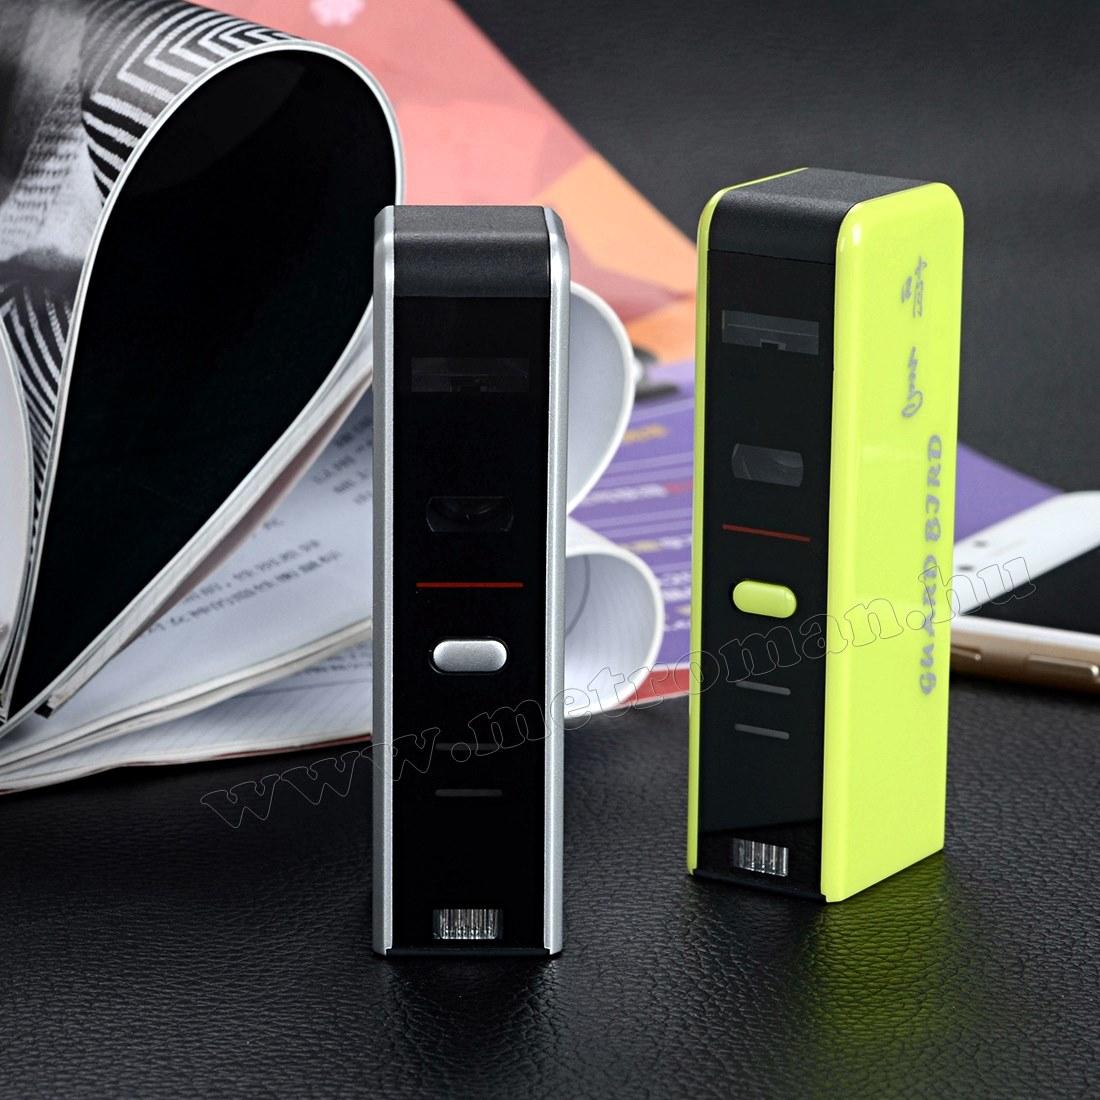 Bluetooth Virtuális lézer billentyűzet iPhone, Android okostelefonhoz Mlogic M1230H